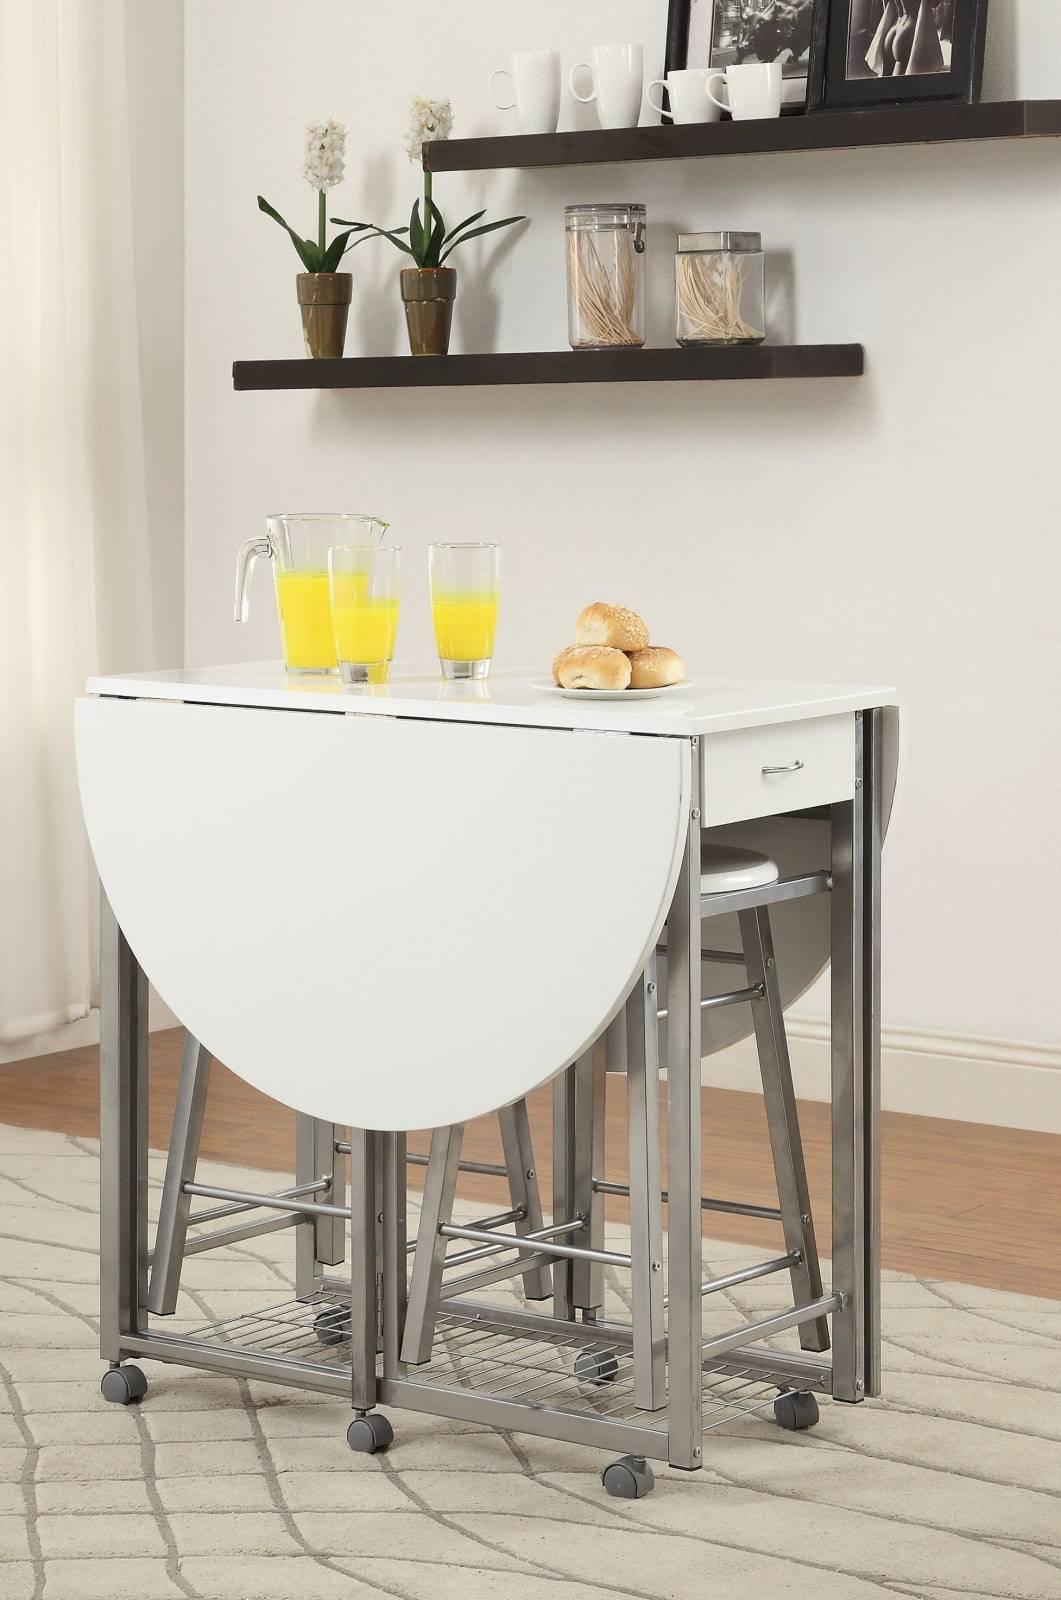 Стол кухонный раскладной: кухонная мебель в современном интерьере